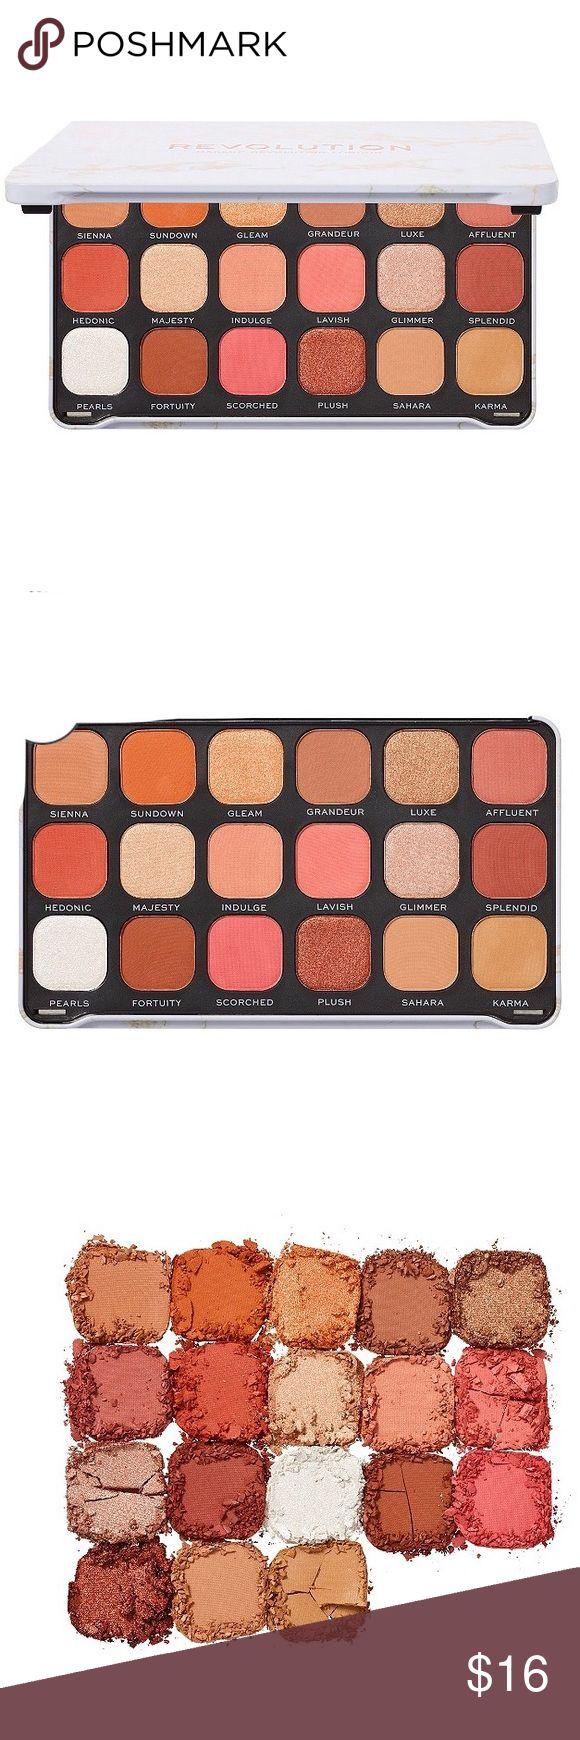 Forever Flawless Decadent Eyeshadow Palette, NIB NWT